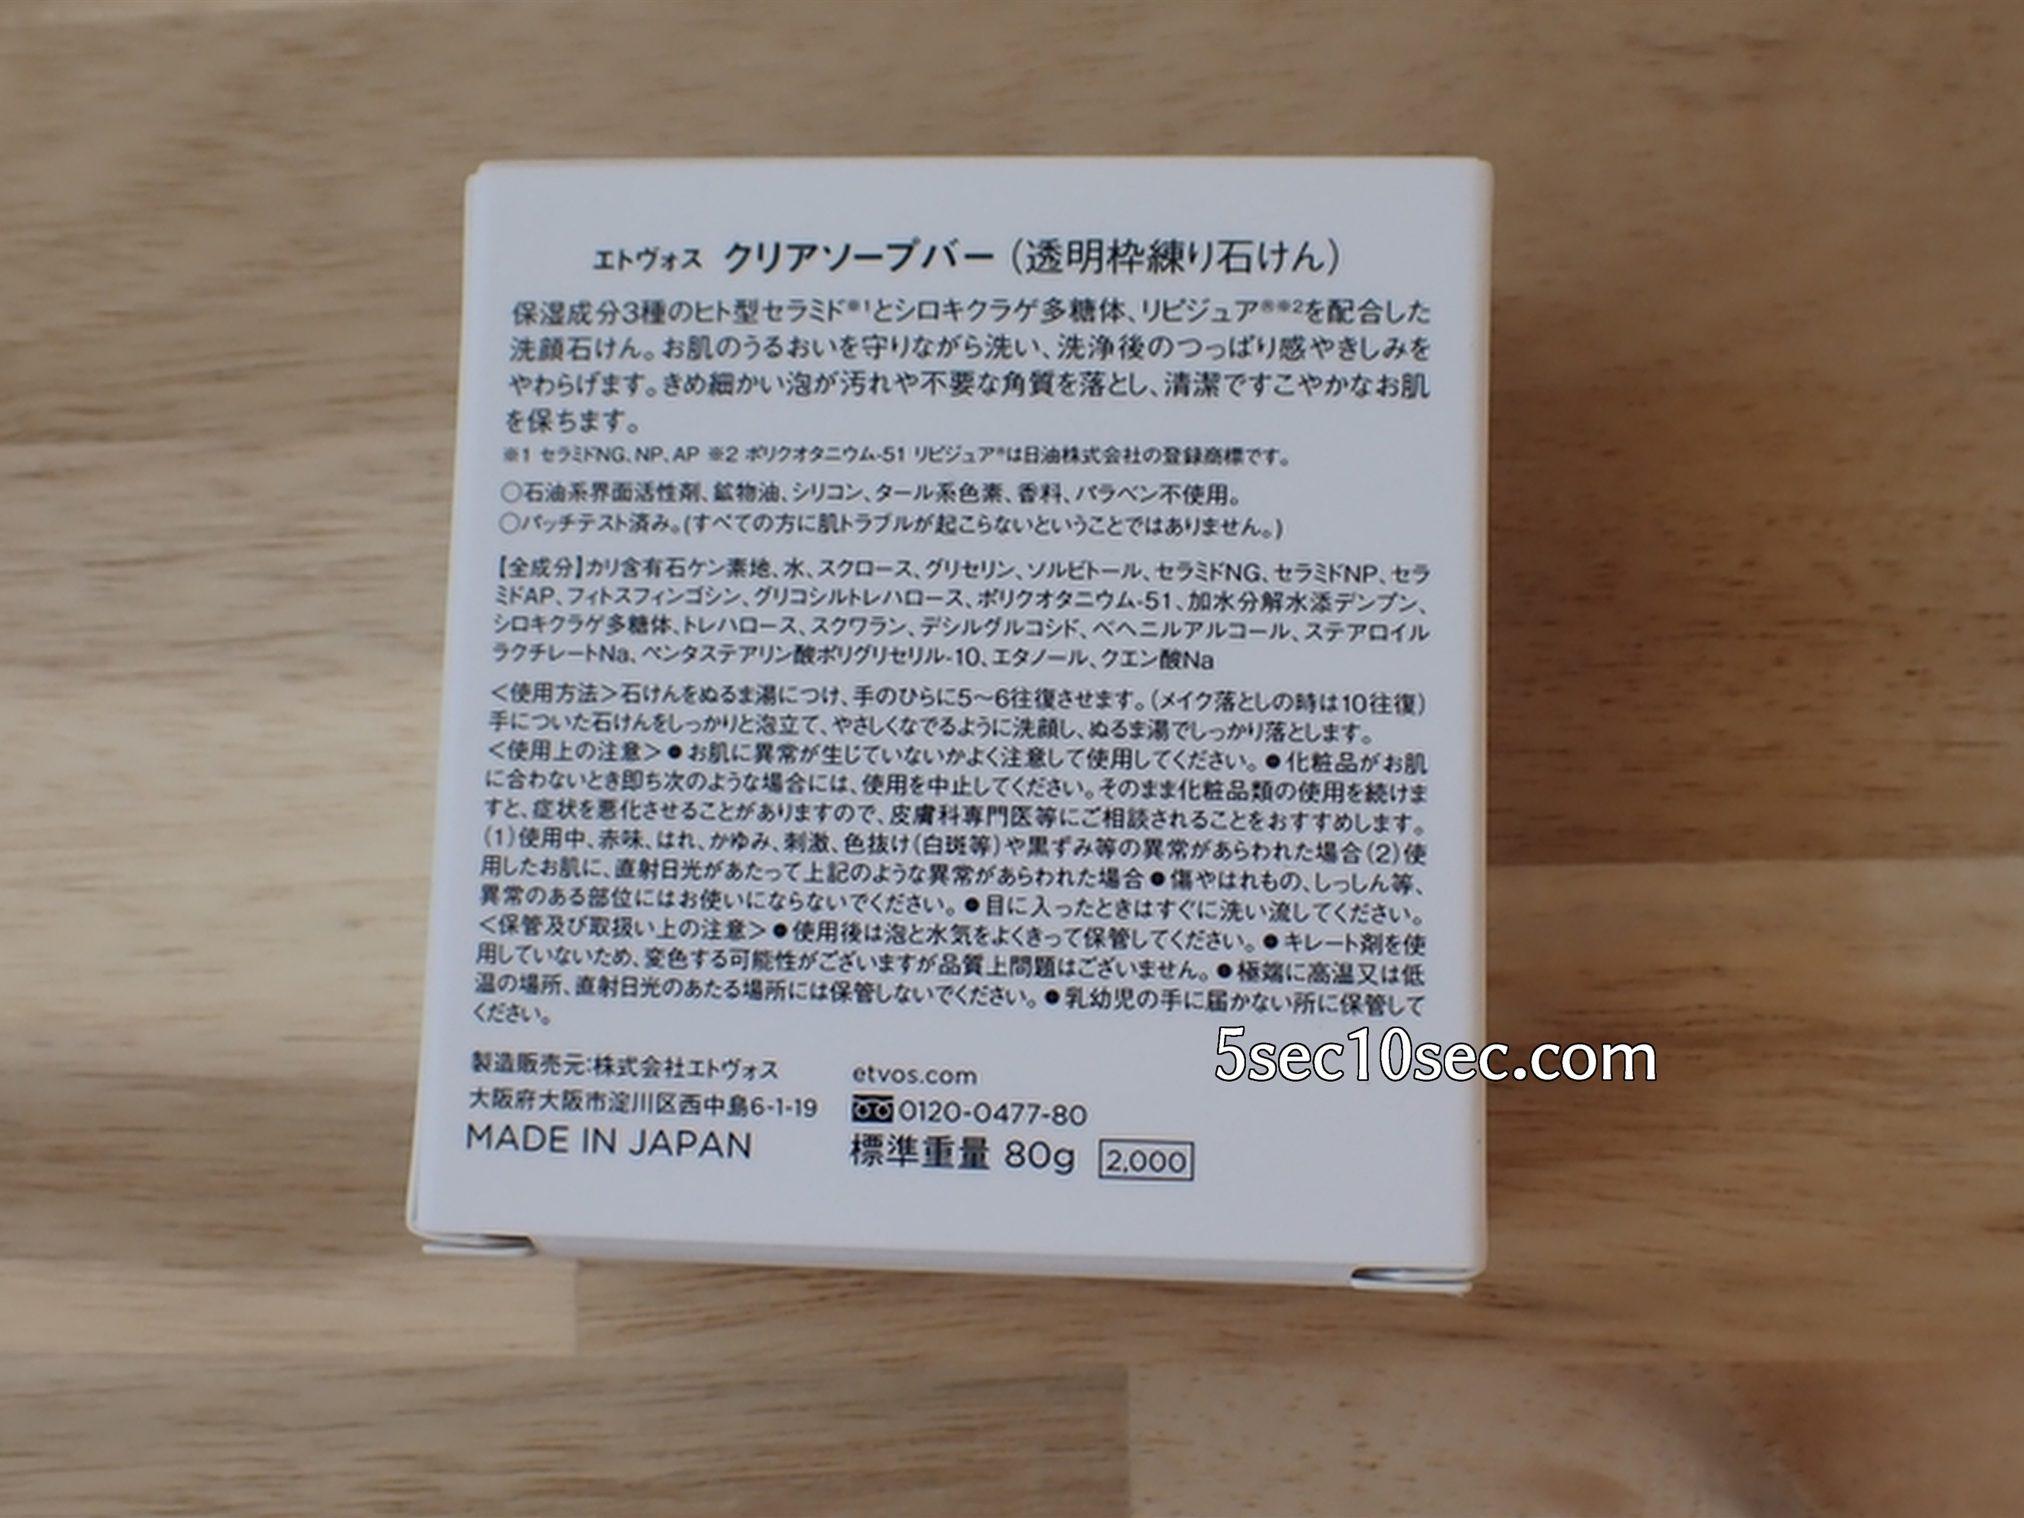 エトヴォス ETVOS クリアソープバー 洗顔石鹸 商品説明 全成分